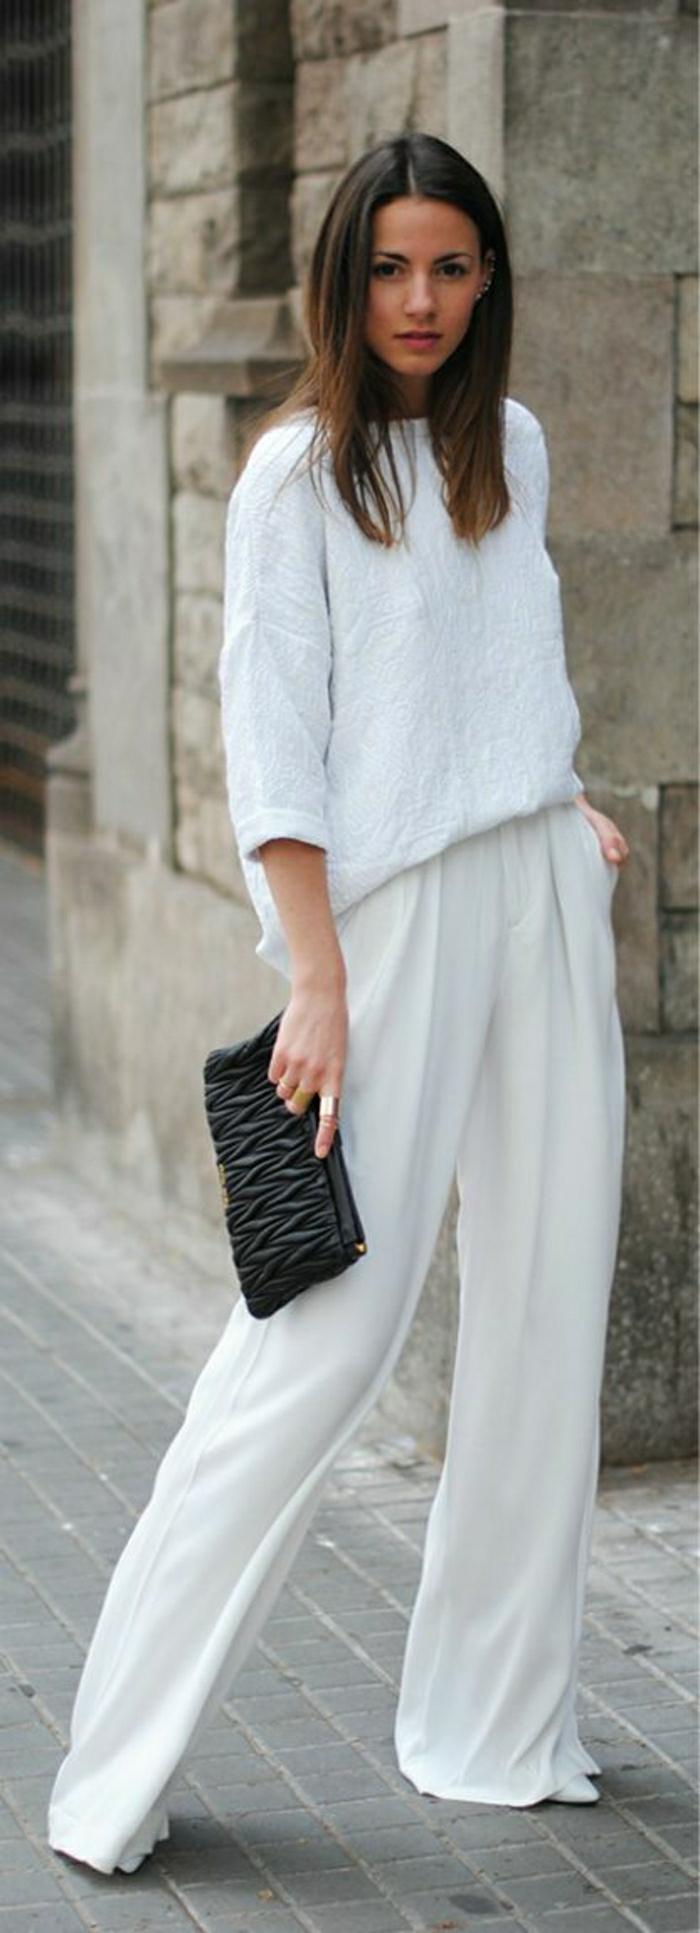 weiße-Hosen-Bluse-Clutch-schwarz-elegant